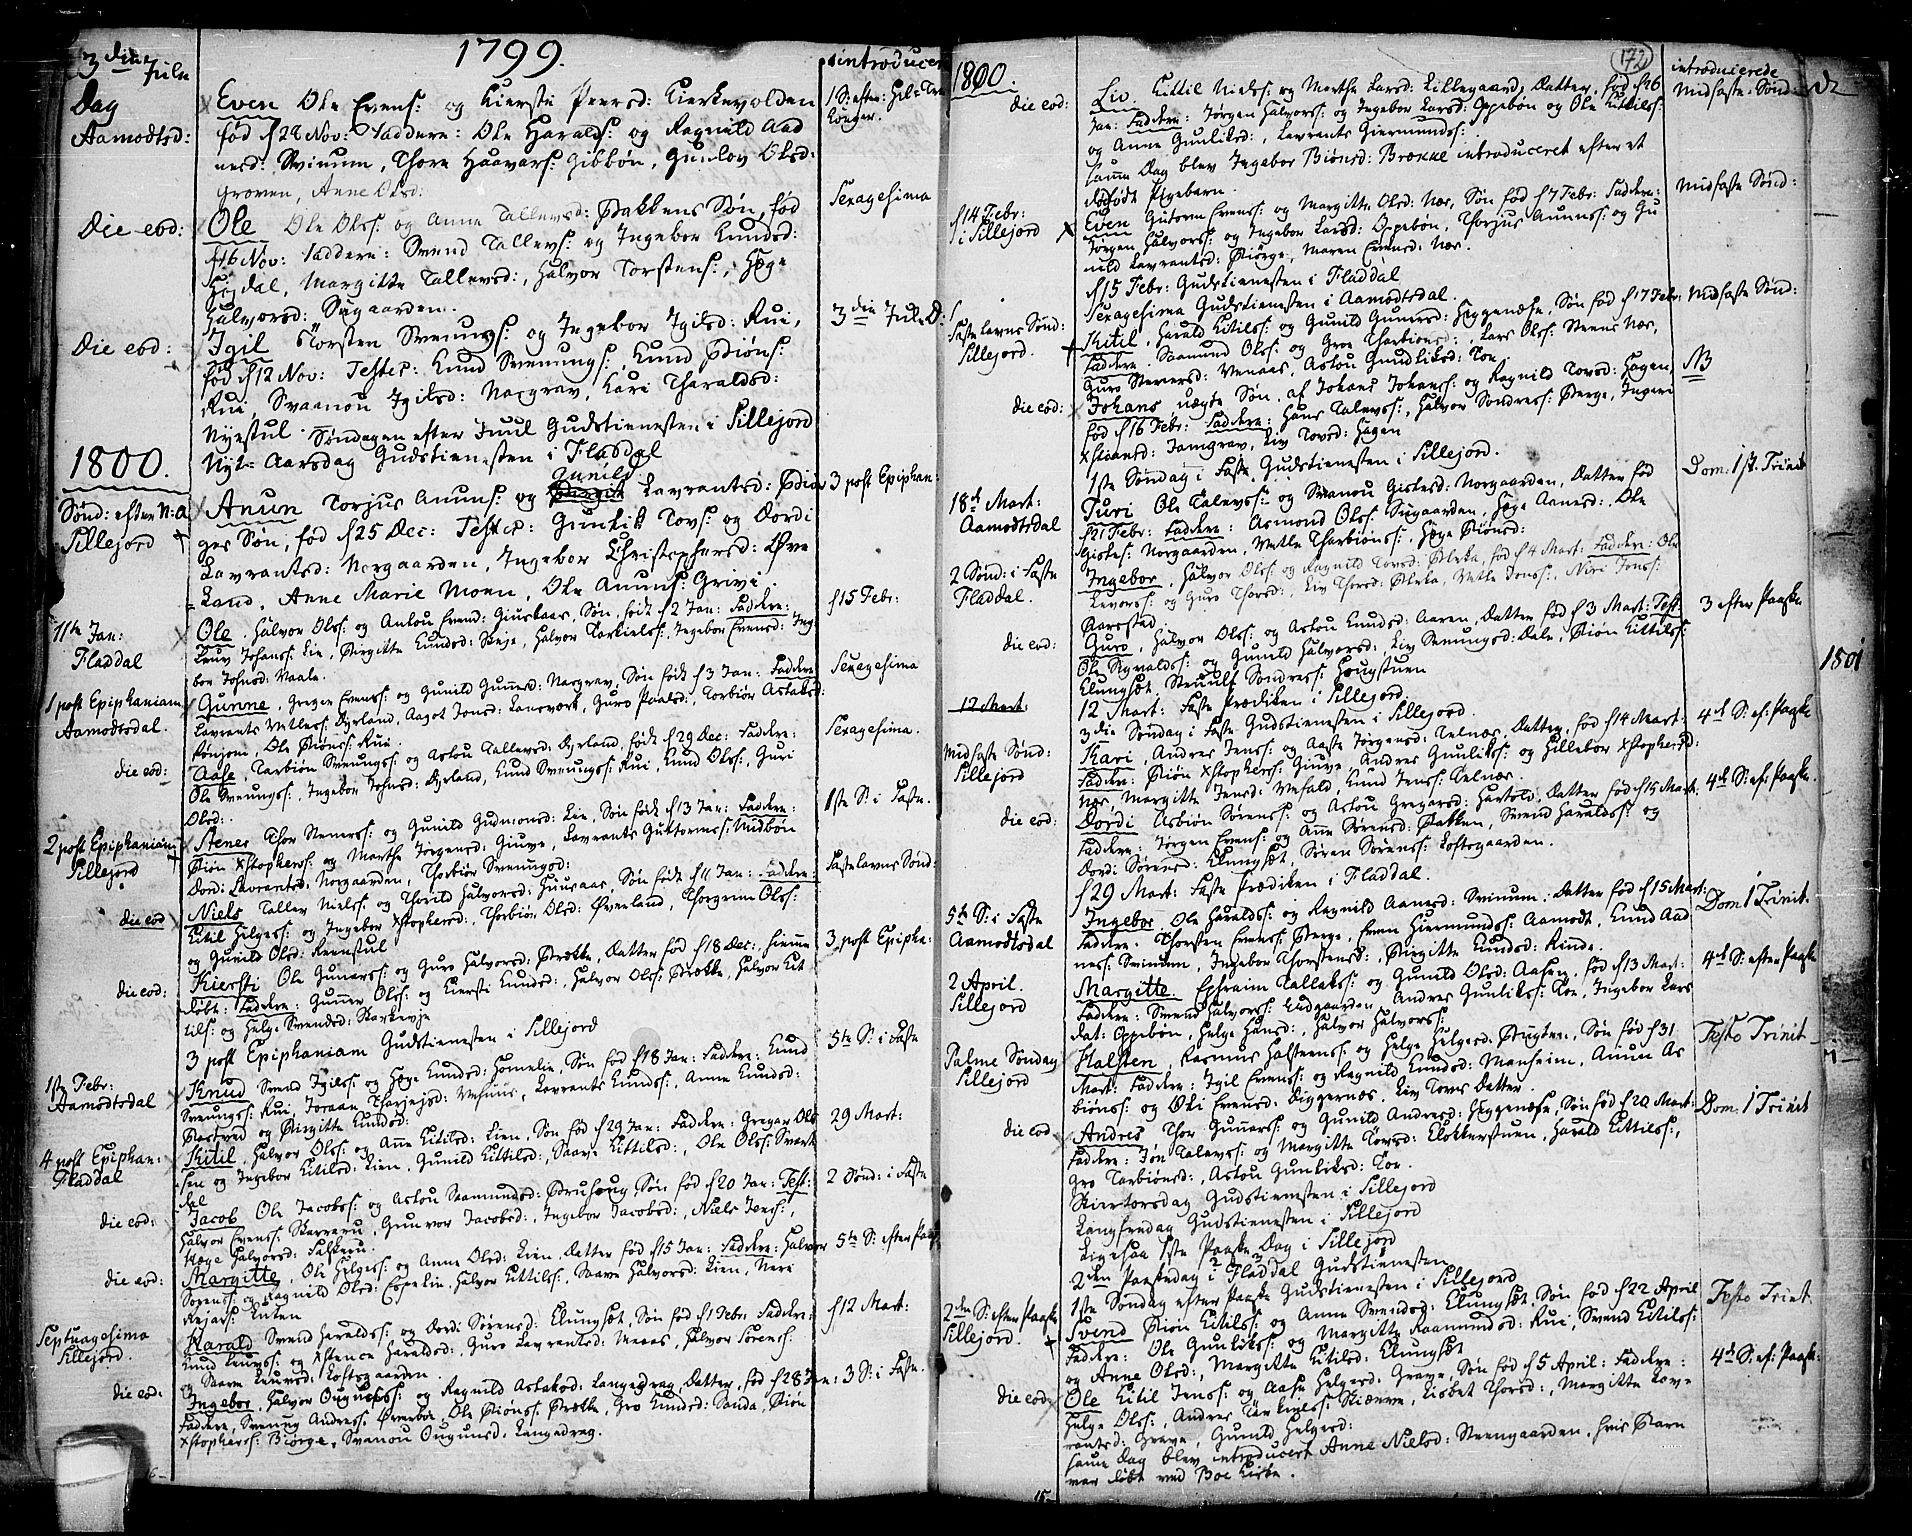 SAKO, Seljord kirkebøker, F/Fa/L0007: Ministerialbok nr. I 7, 1755-1800, s. 172